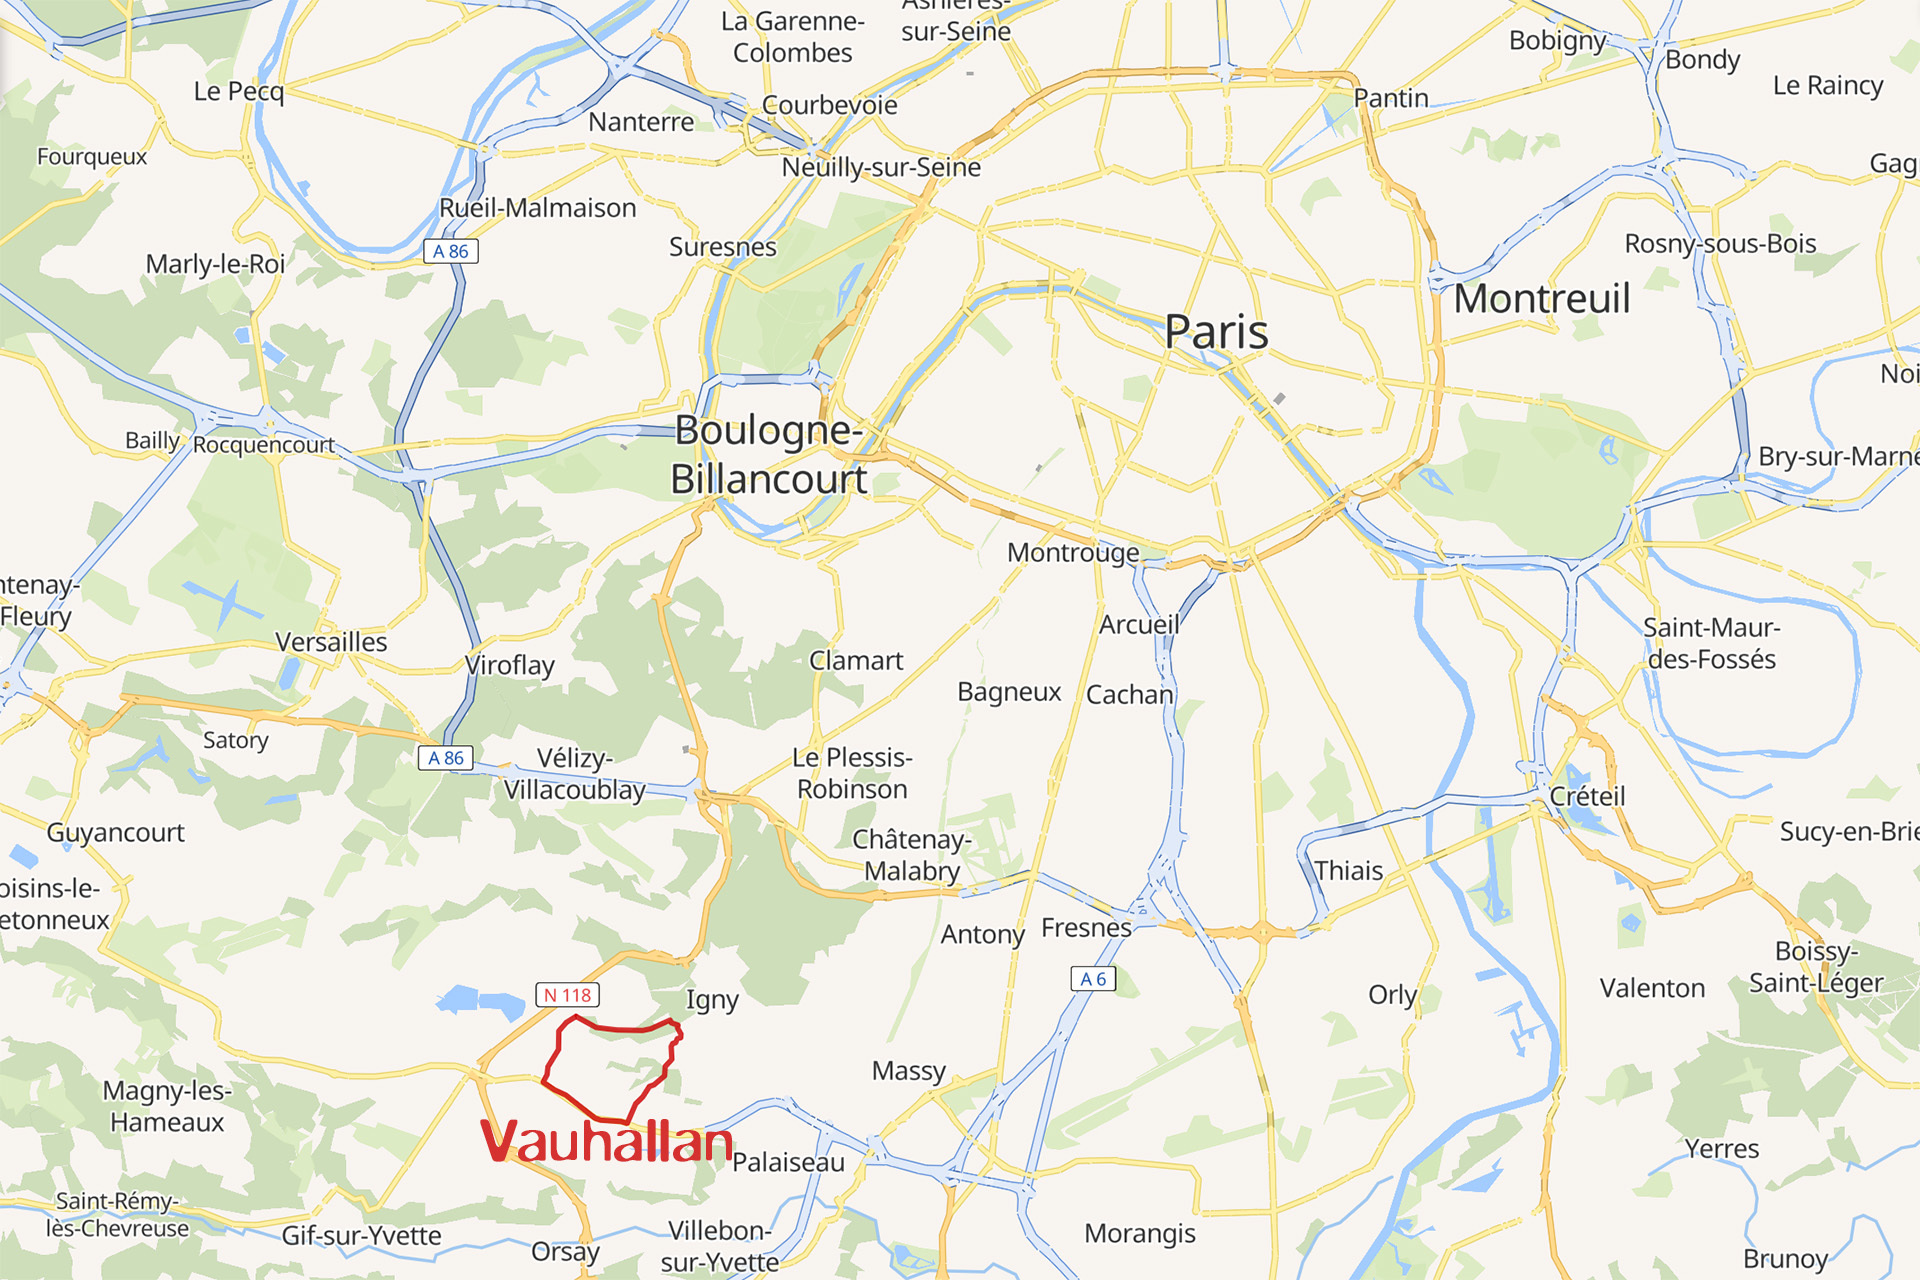 Carte situant Vauhallan en Ile de France